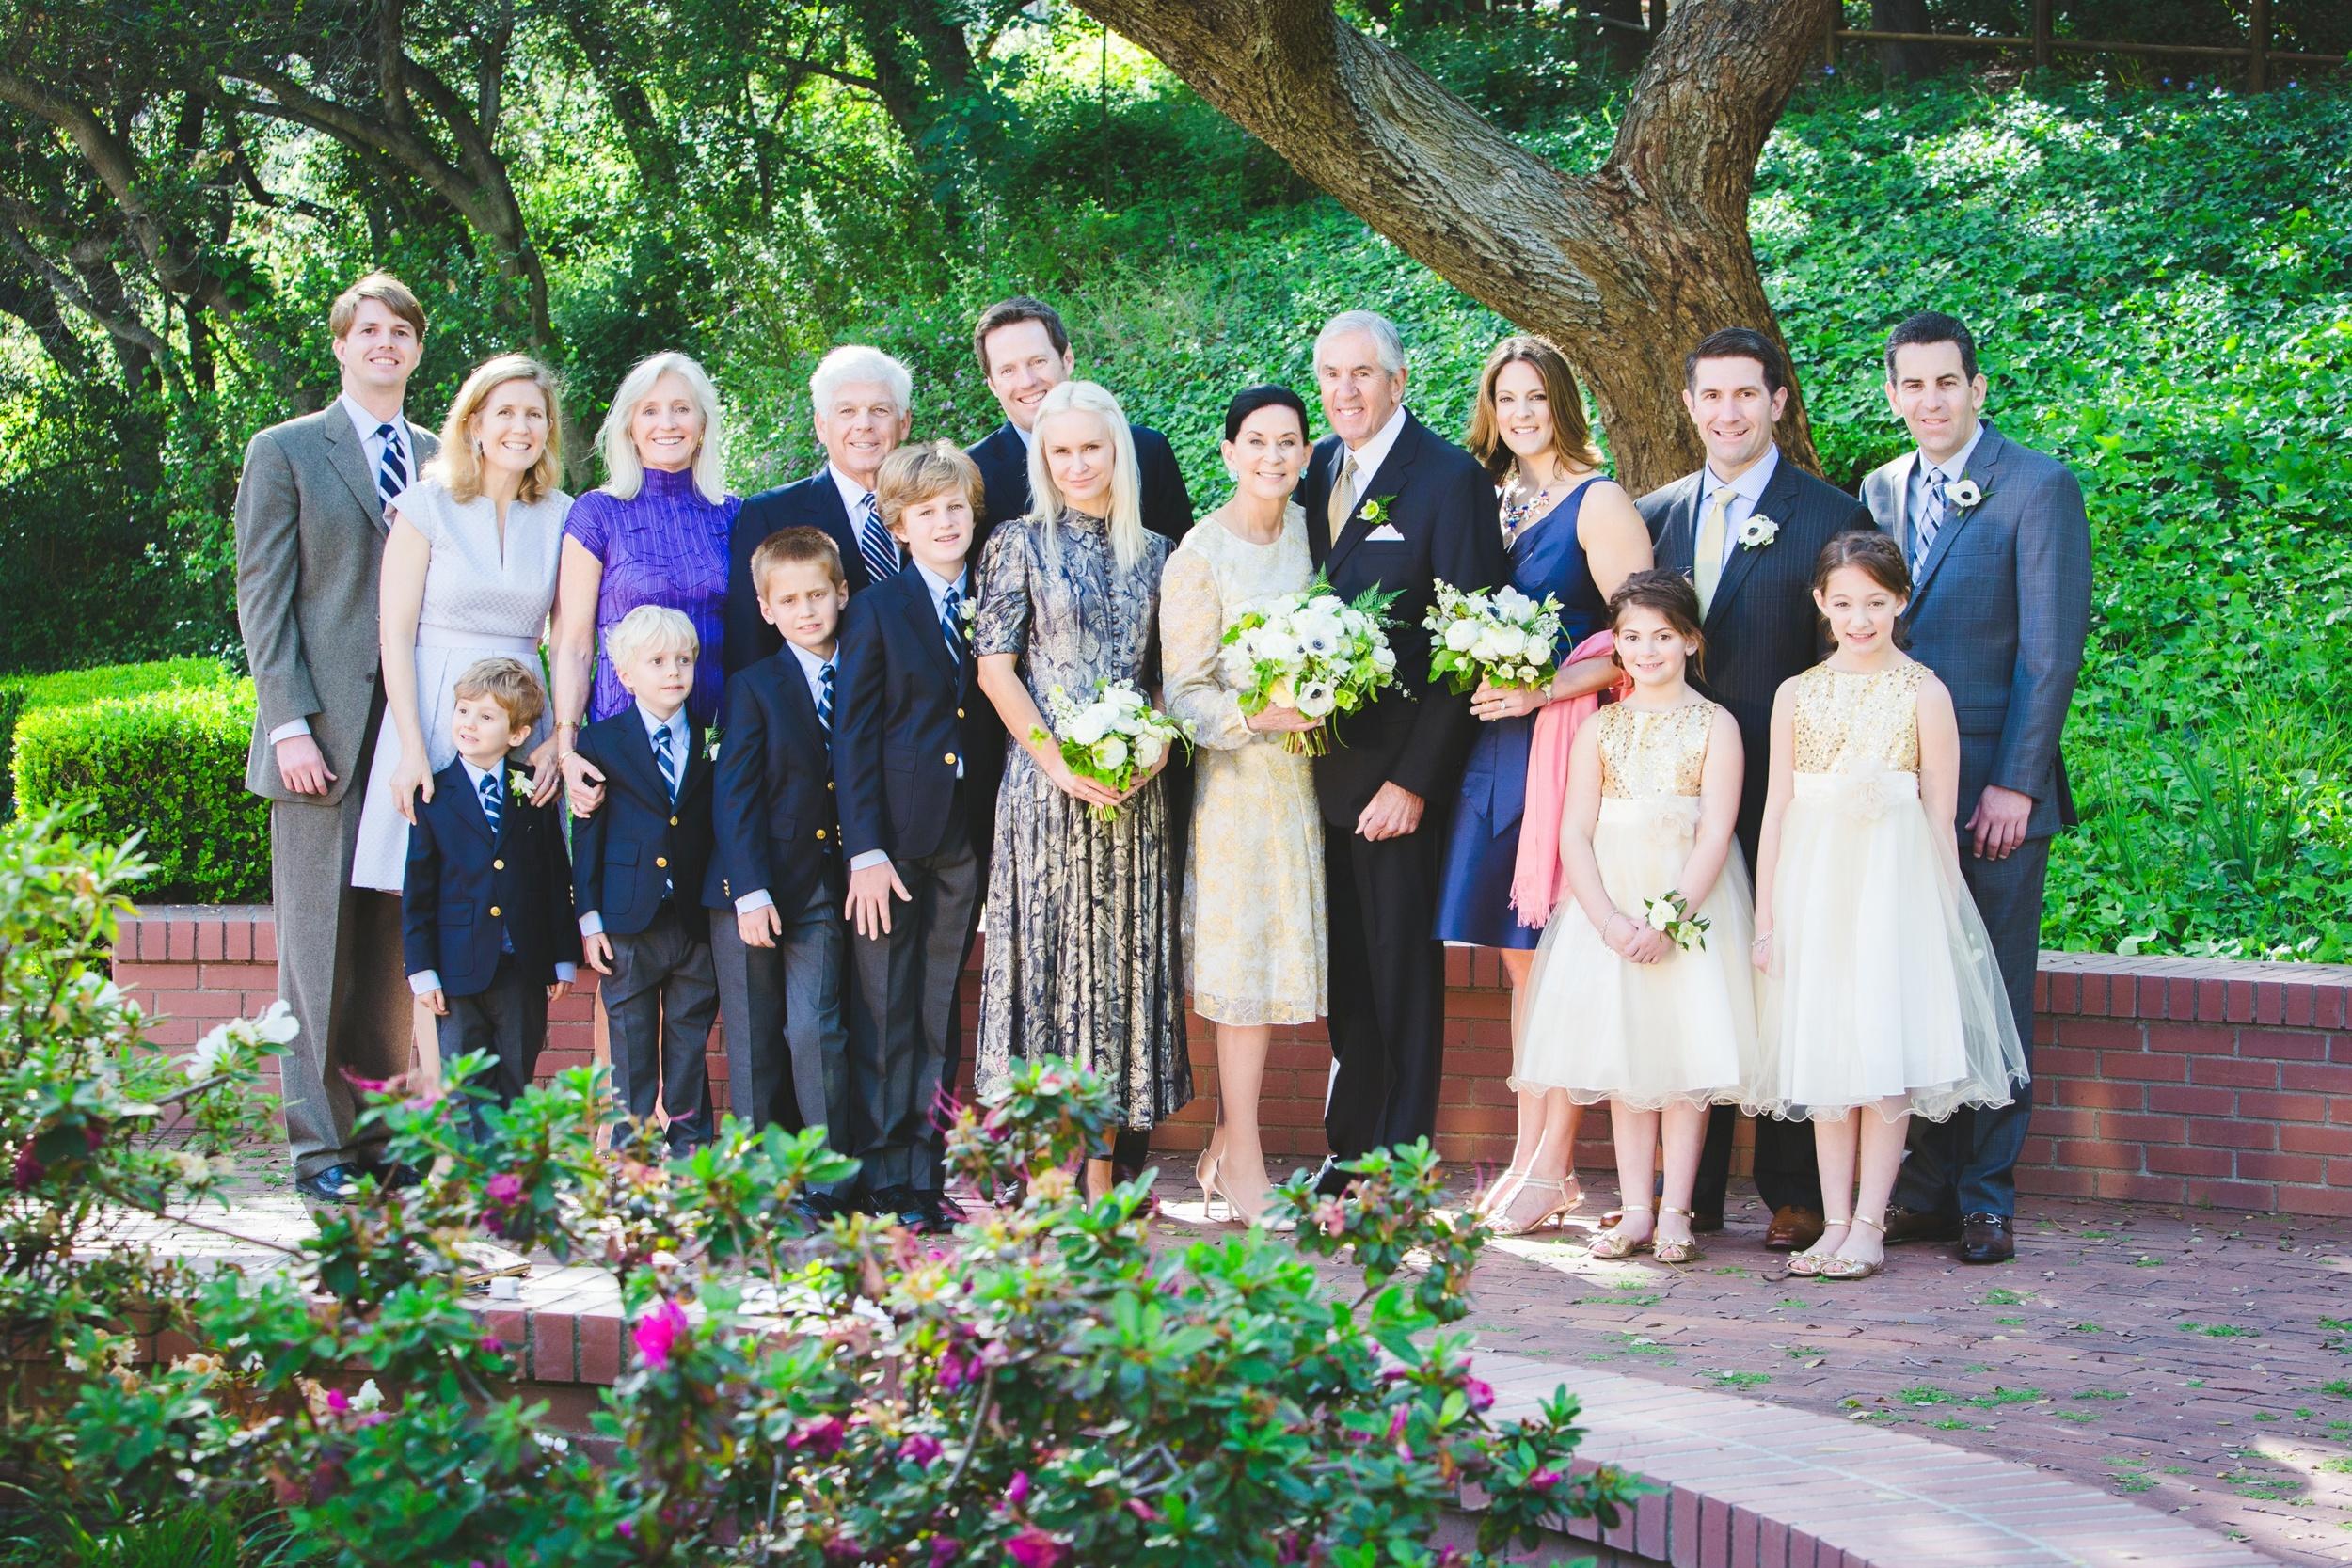 040 - family group shot.jpg